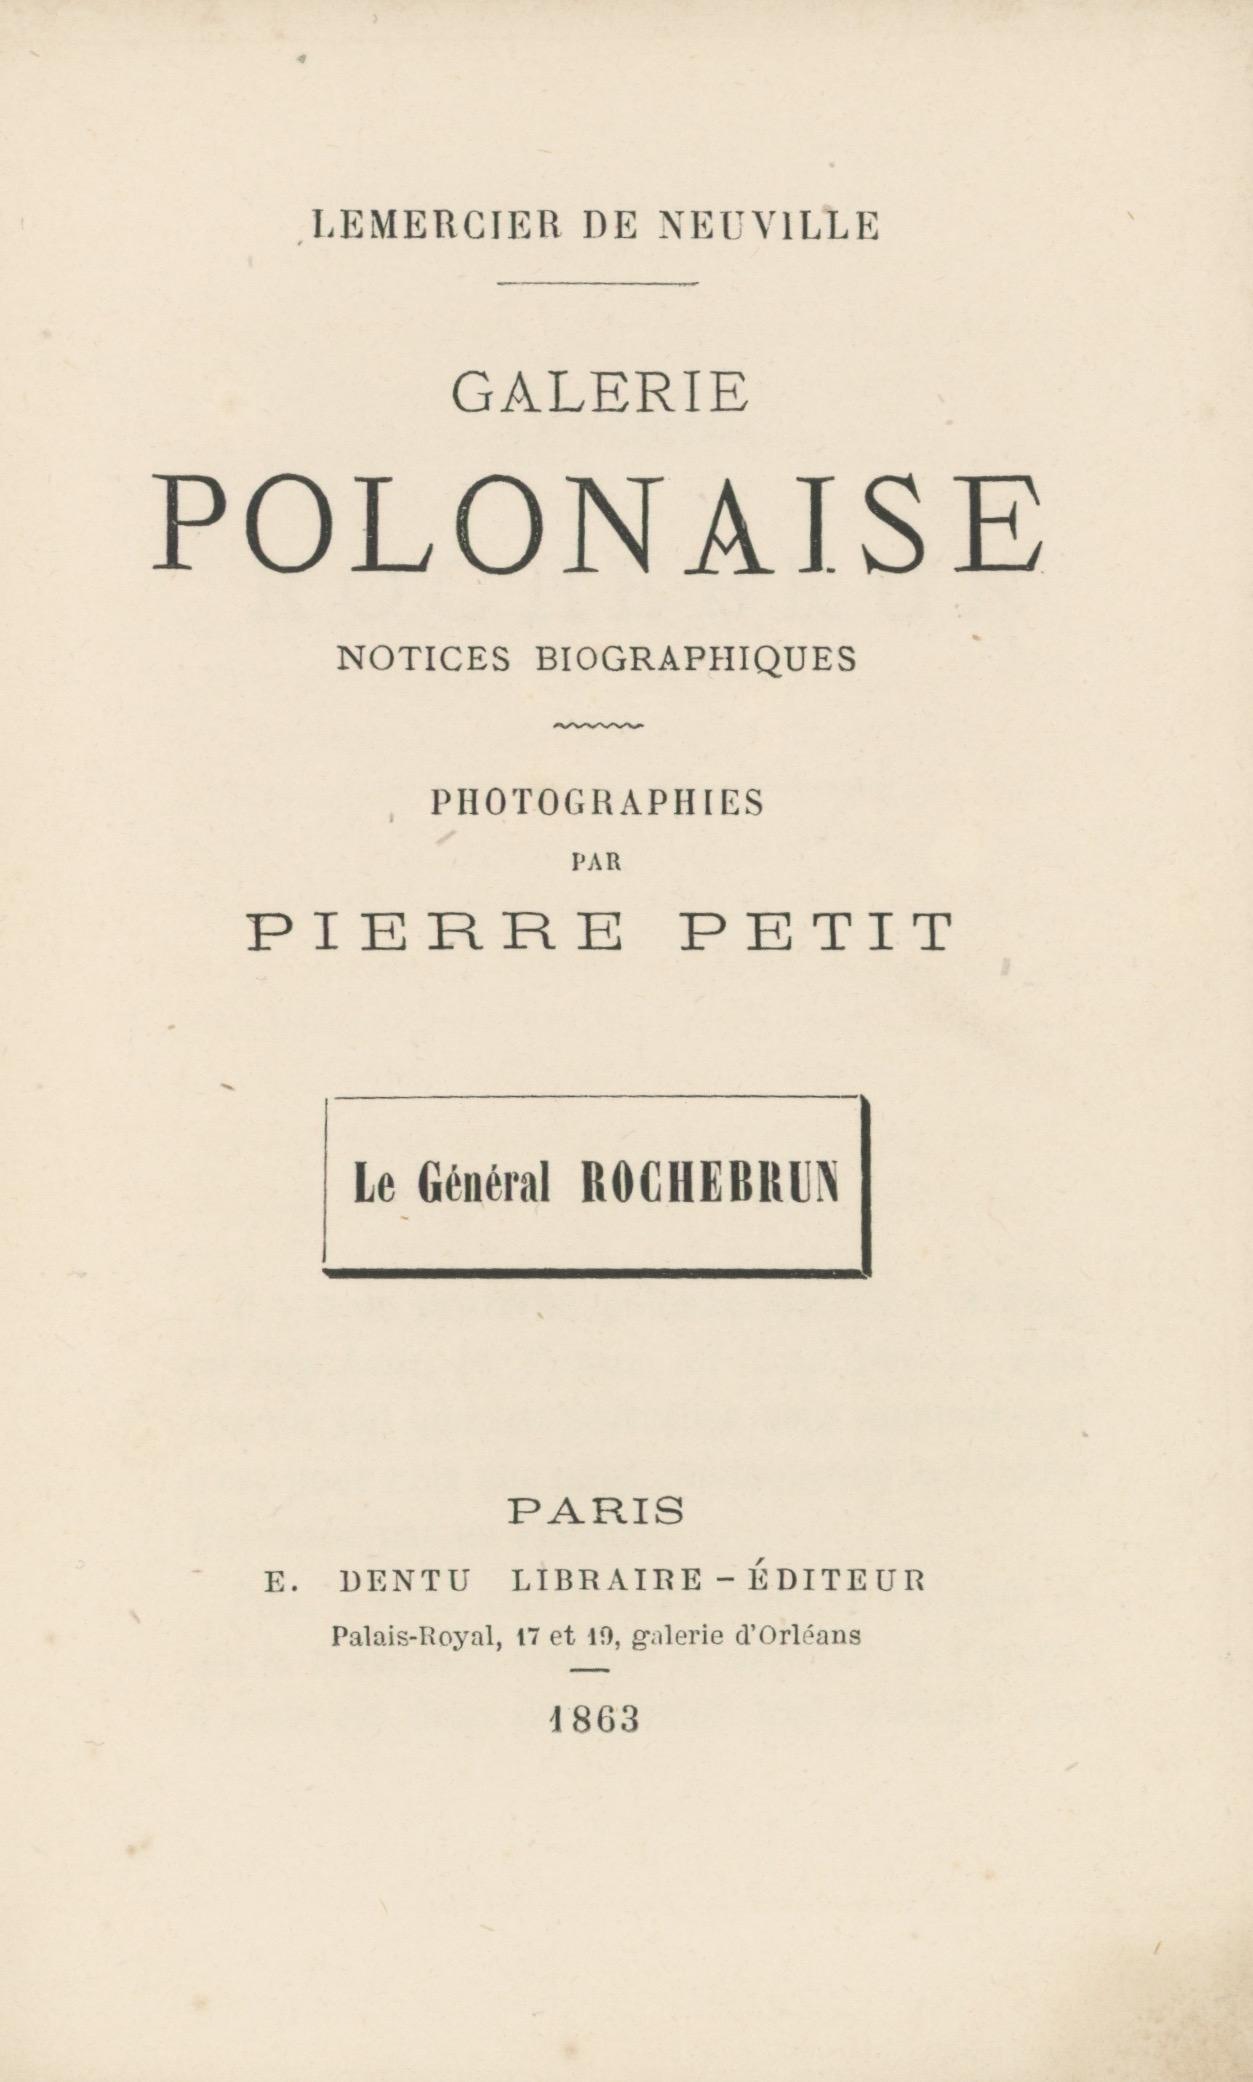 CDV Militaire - Ancienne Photographie - Zouaves de la mort - Uniforme - 1863 - Général Rochebrun - Pierre Petit Photographe - Pologne